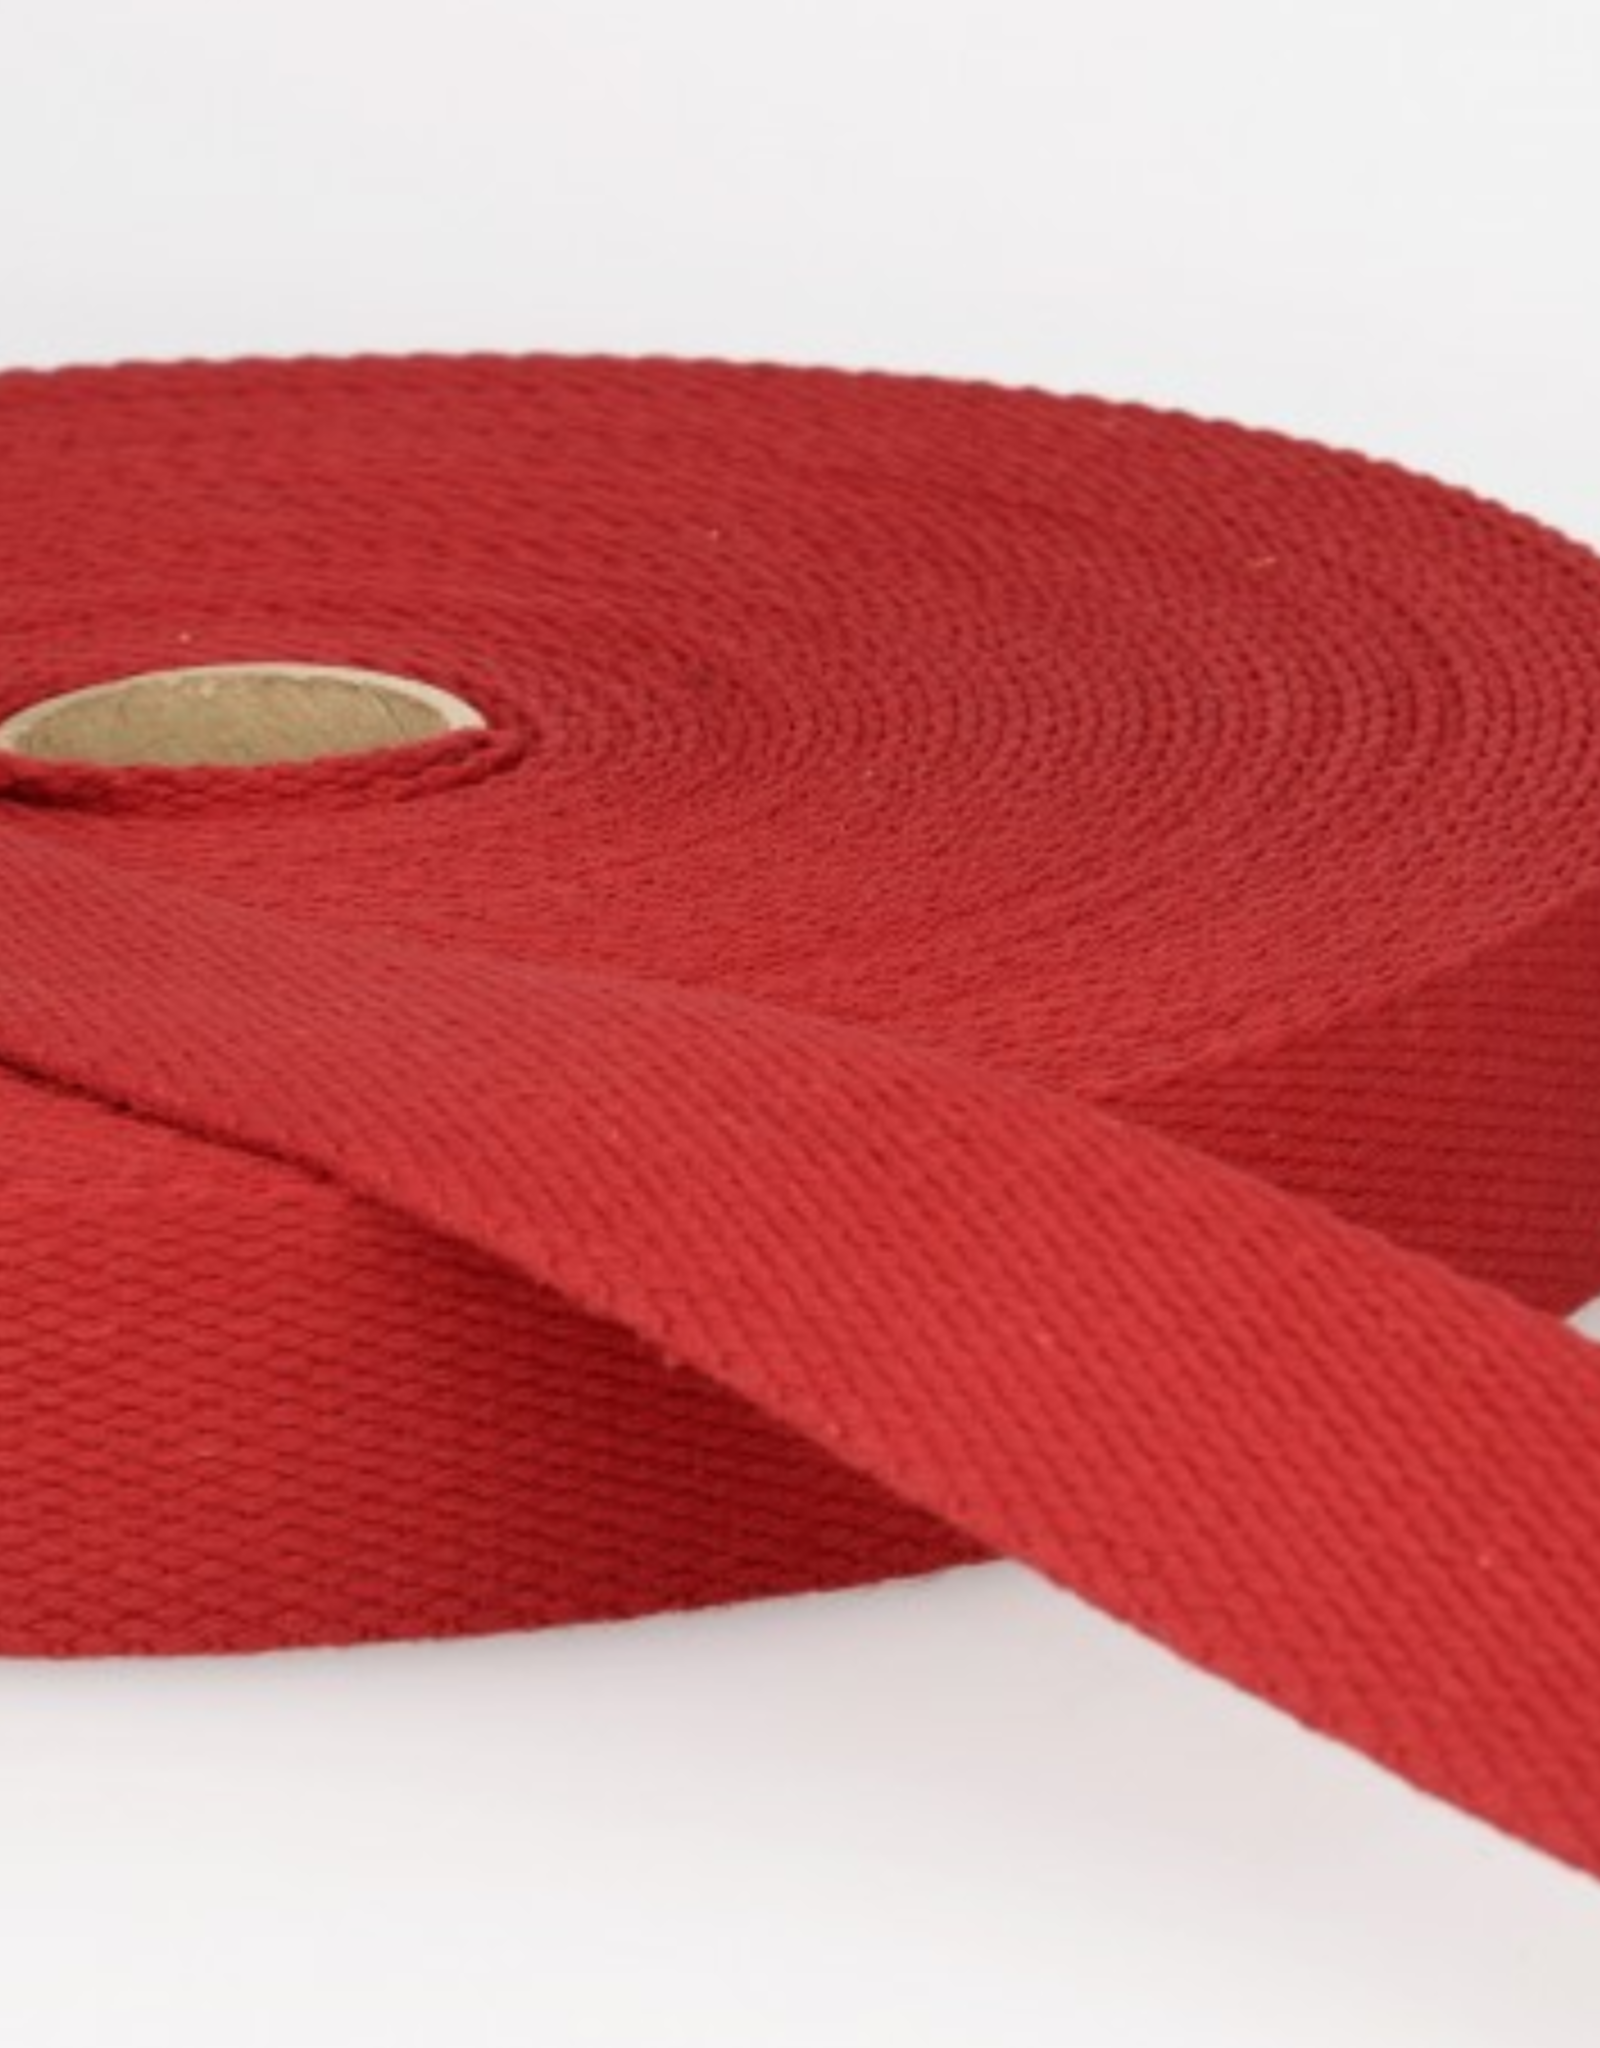 Tassenband - Donkerrood - 25mm